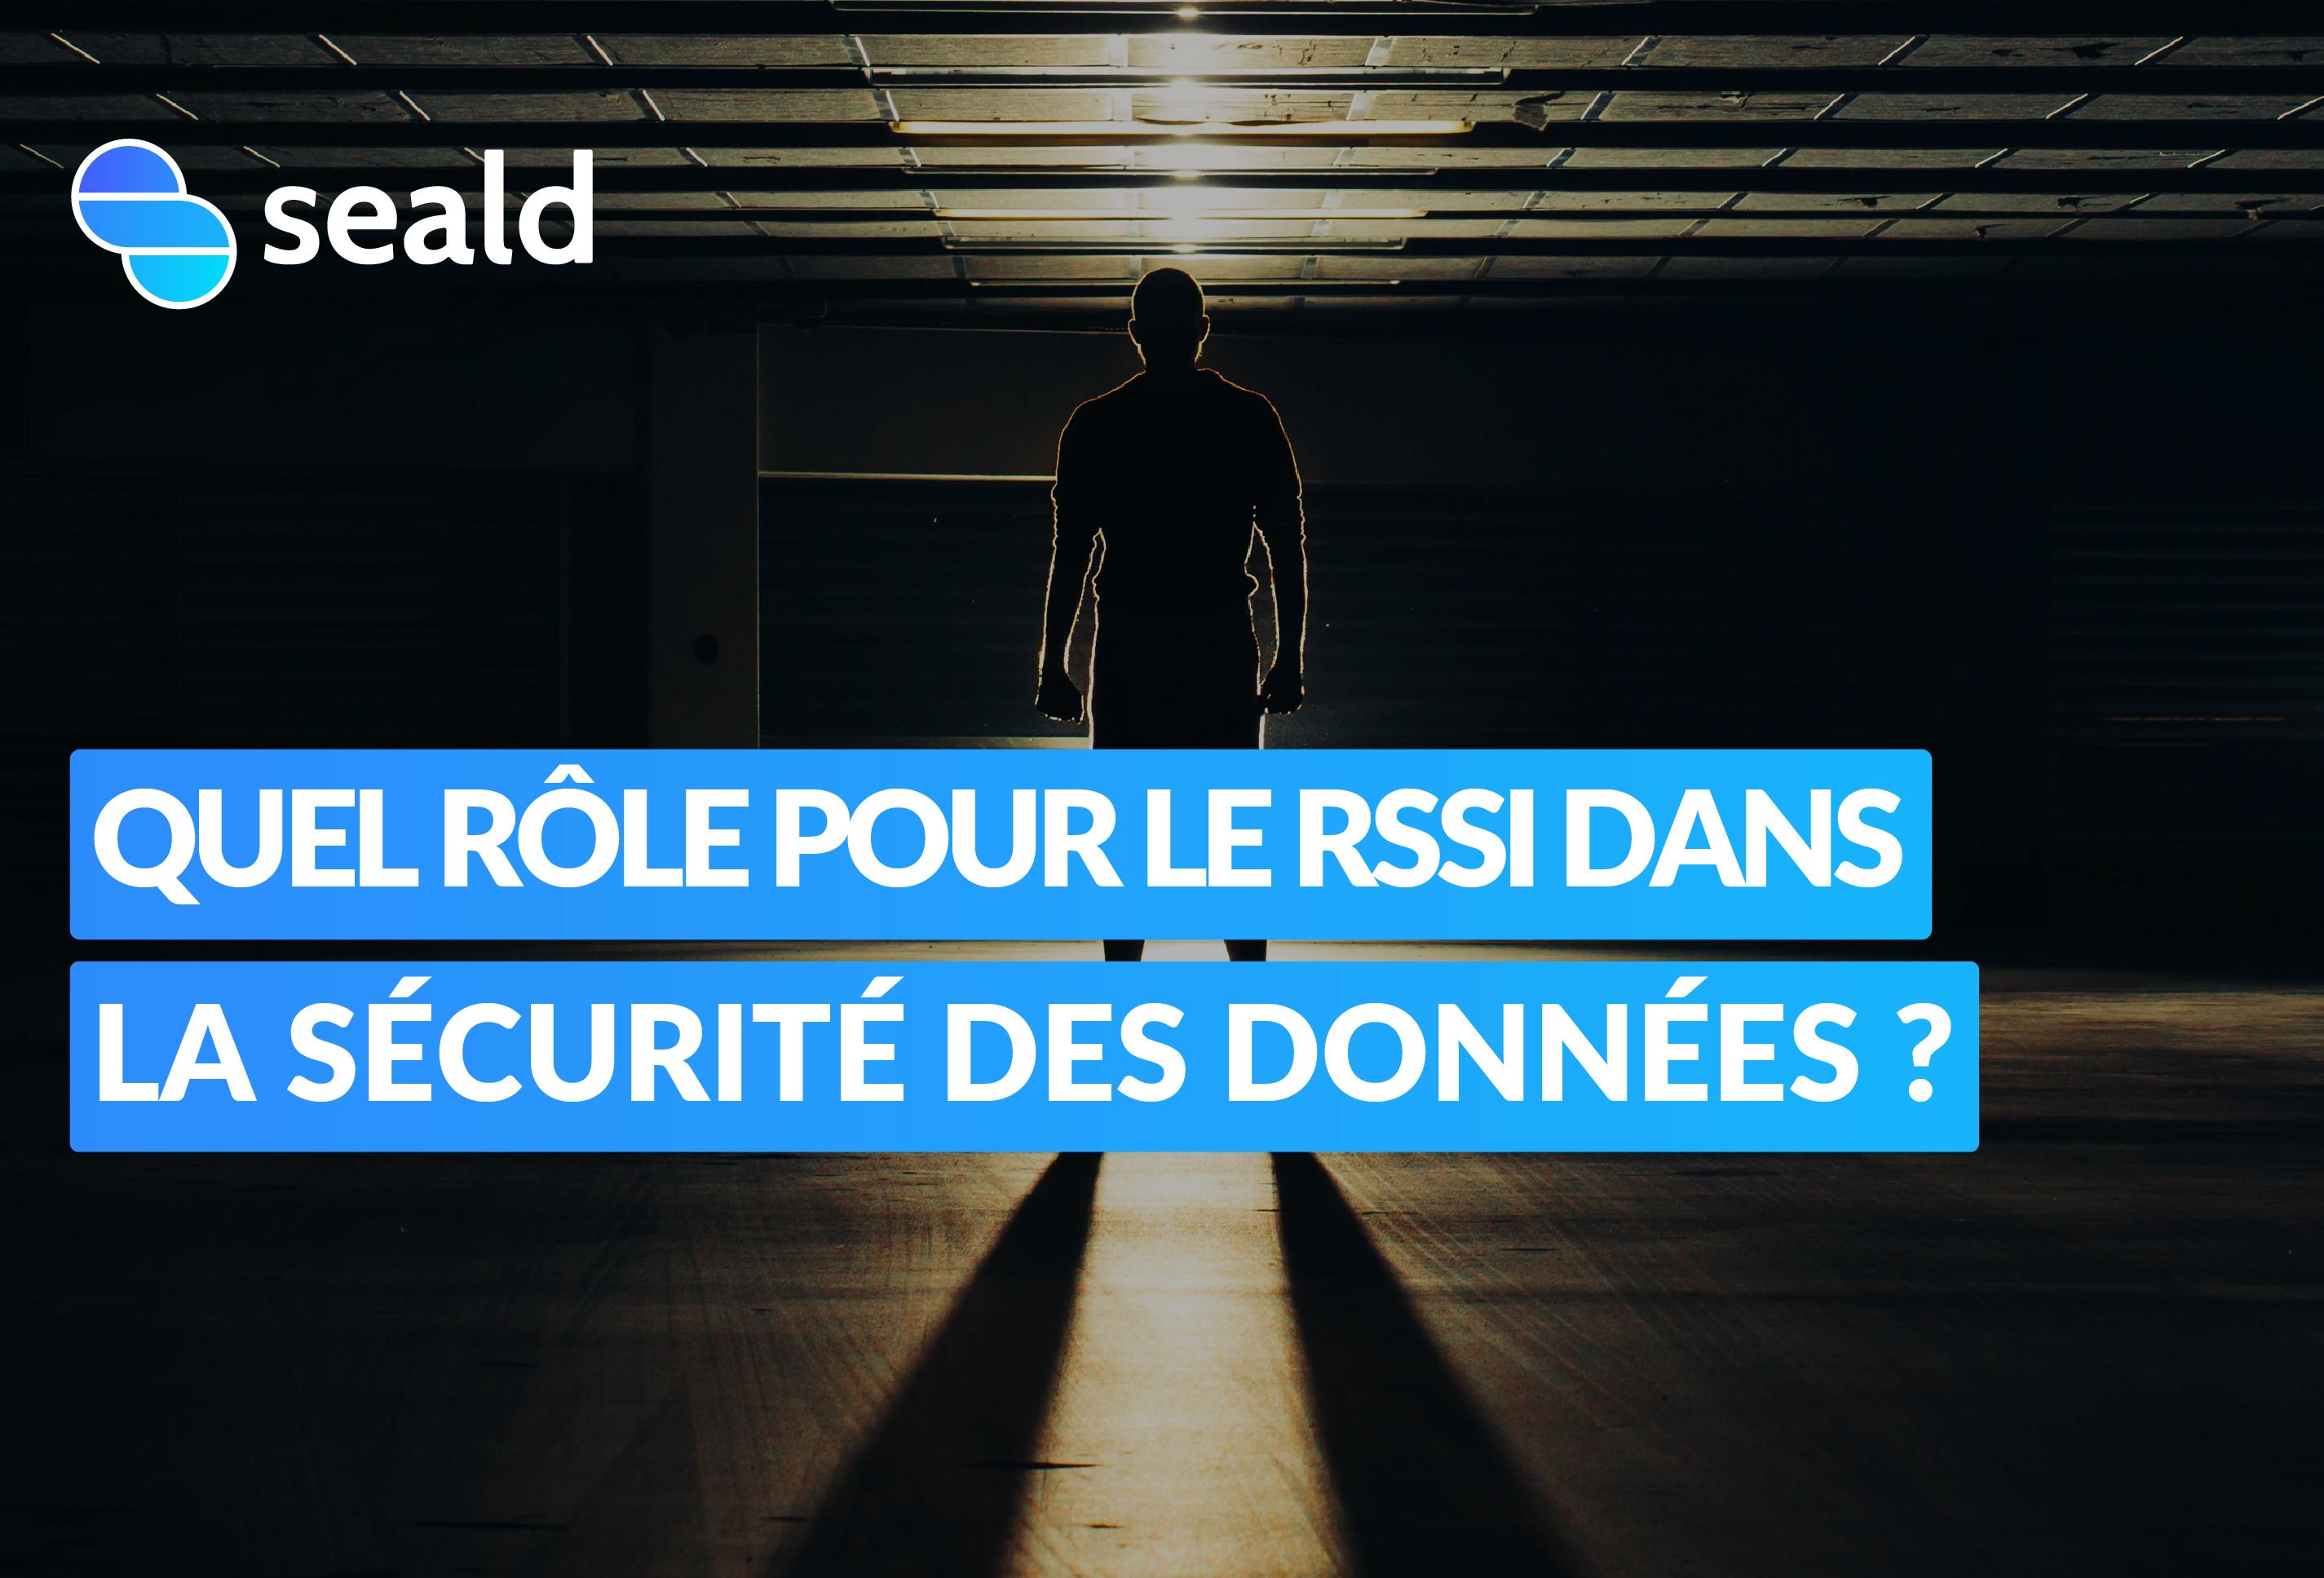 Quel rôle pour le RSSI dans la sécurité des données ?